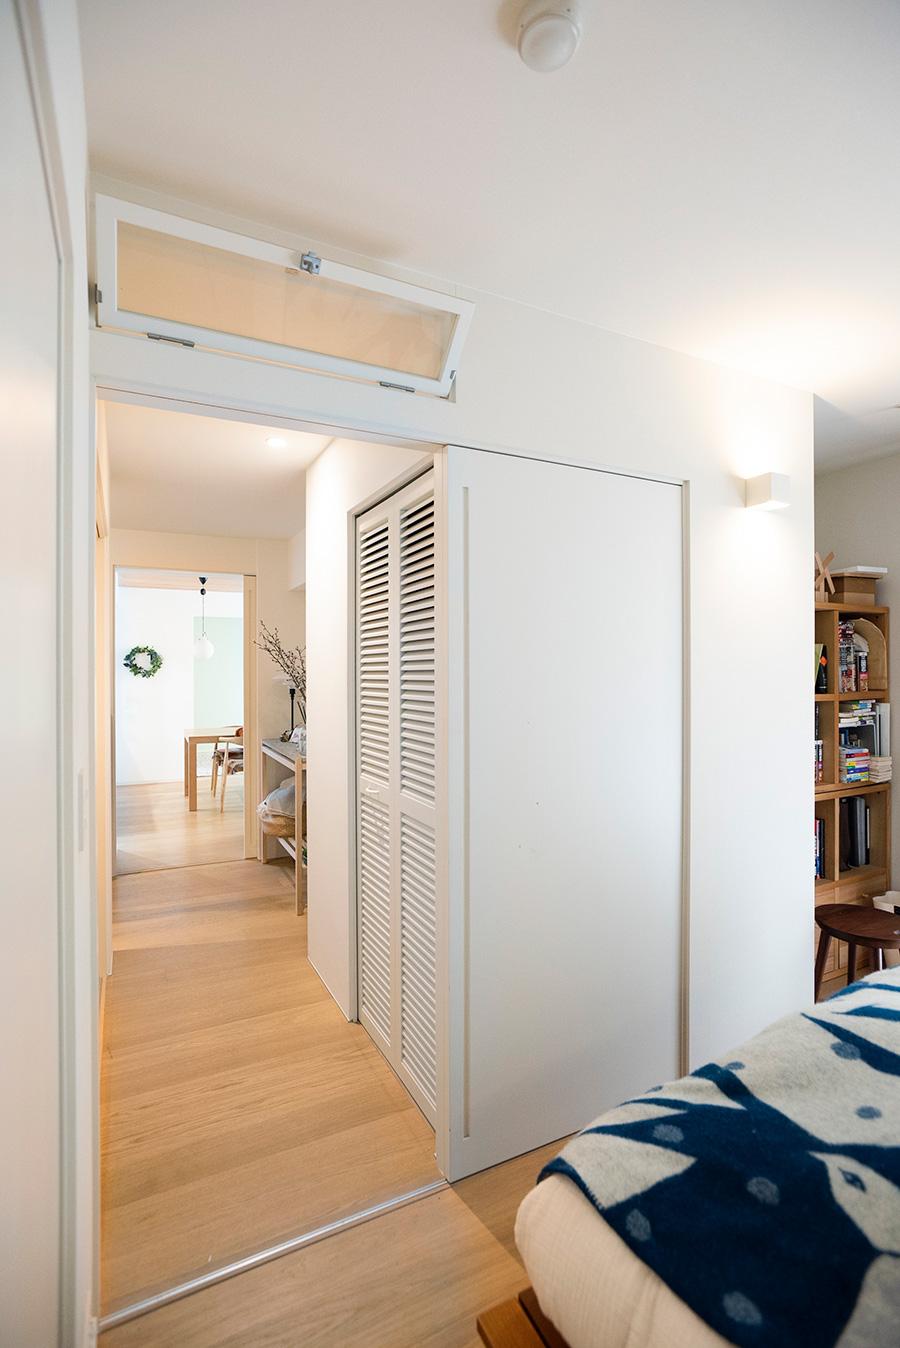 入り口に立って死角になる位置に本棚を配置。引き戸の上はガラス窓を設け、光が通るようにした。